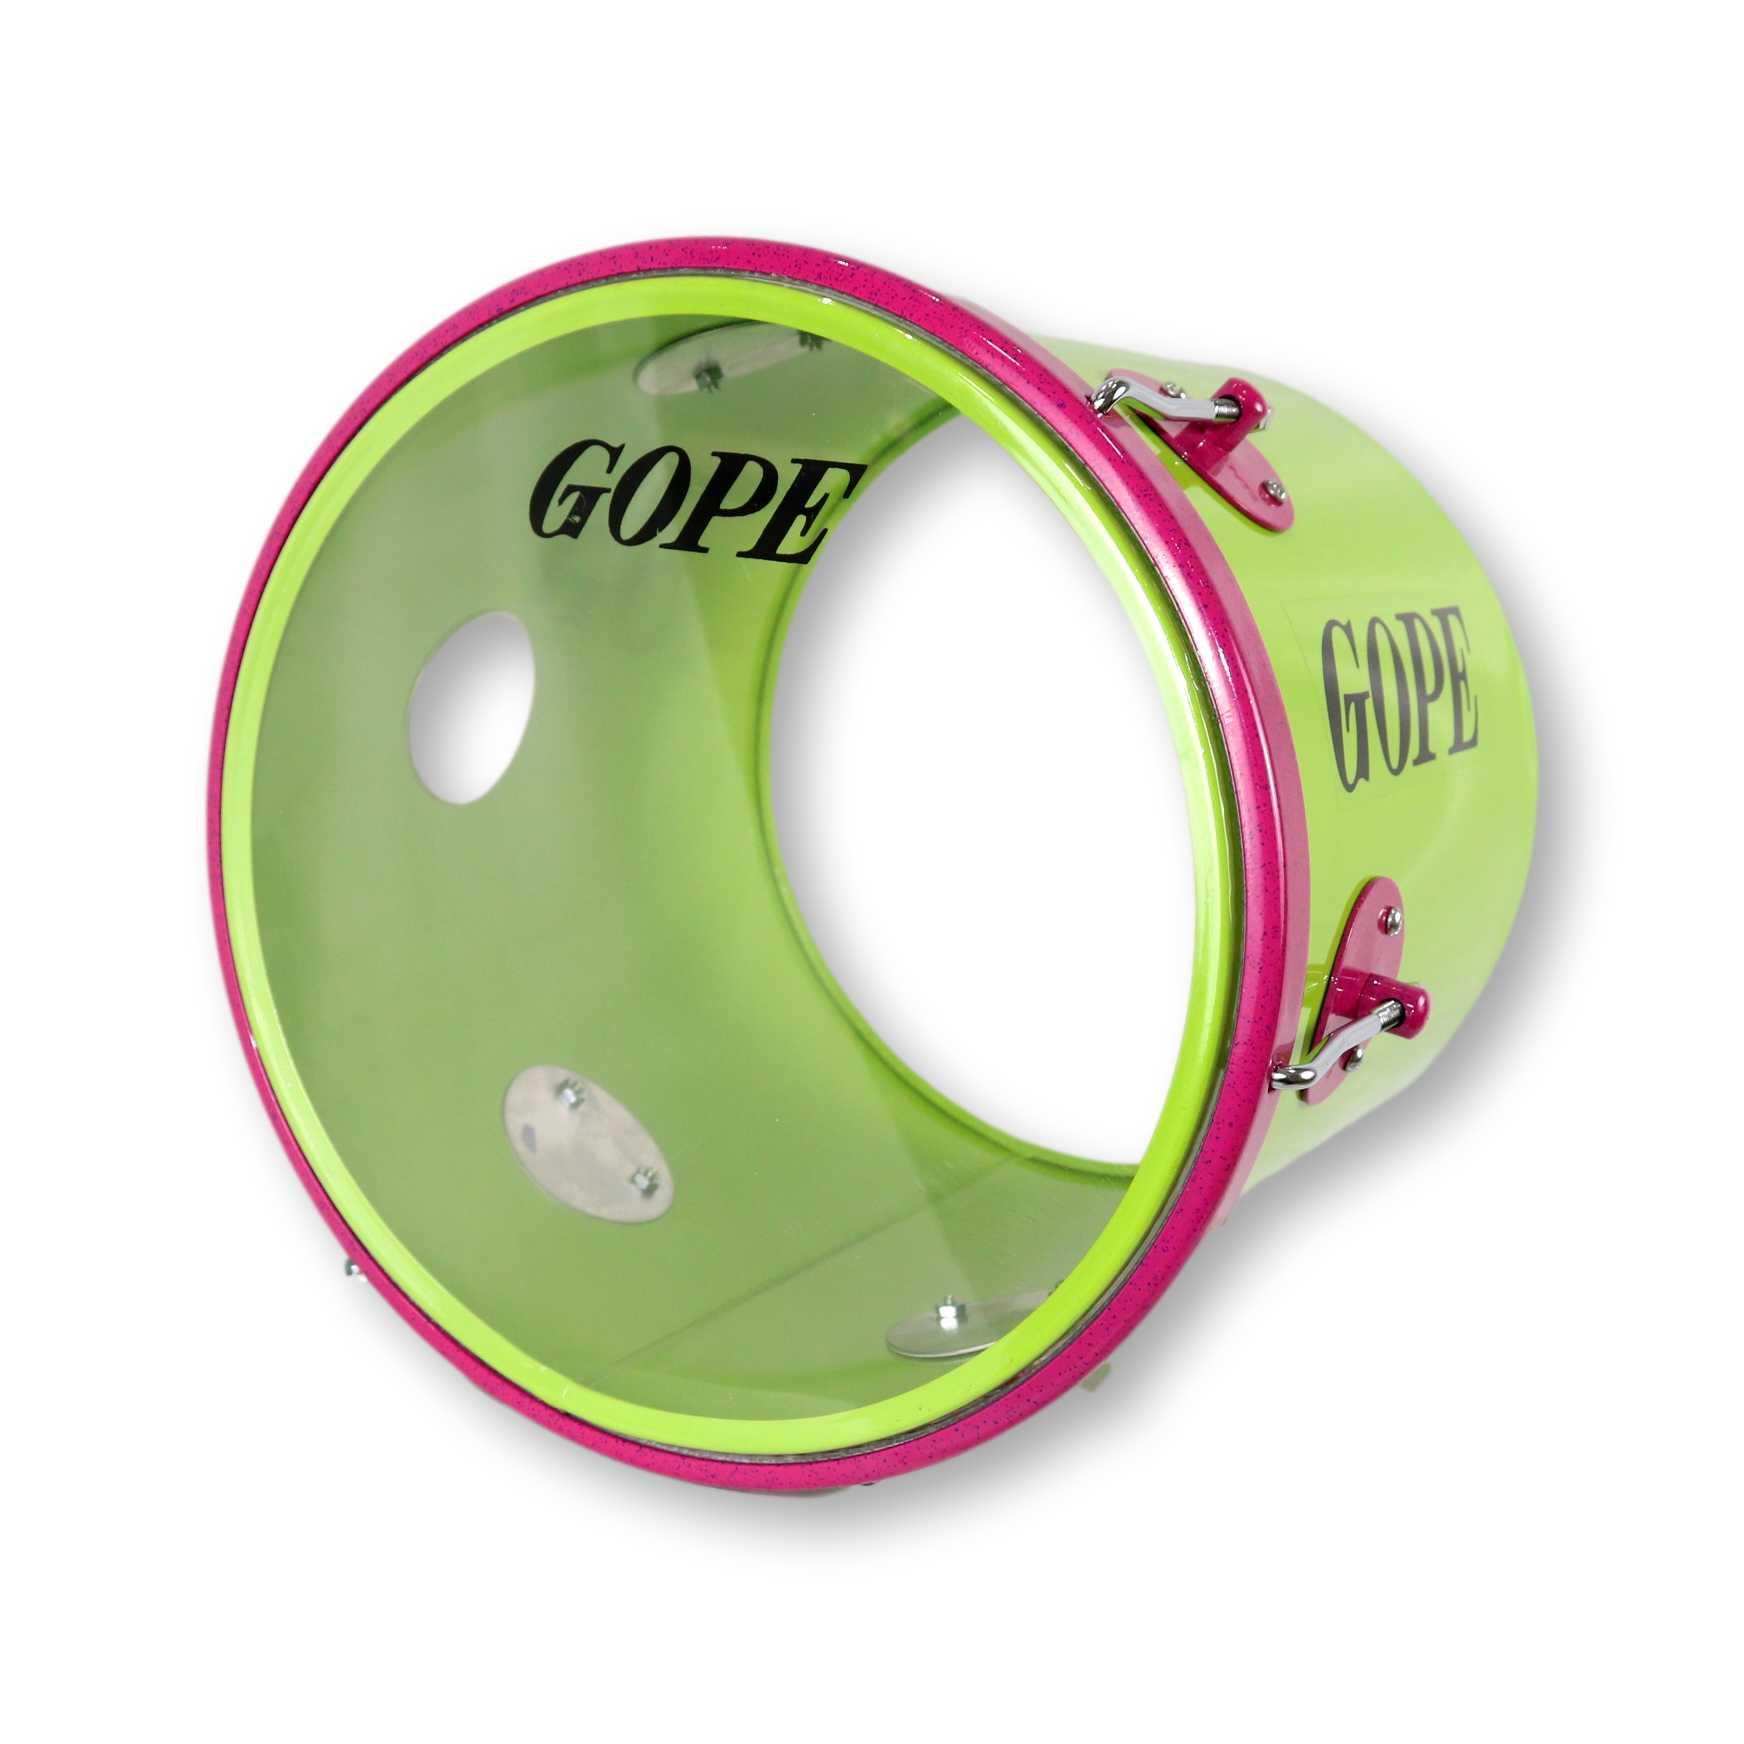 Repique de Mão Gope 11 pol Verde Limao e aro Rosa Pele Cristal